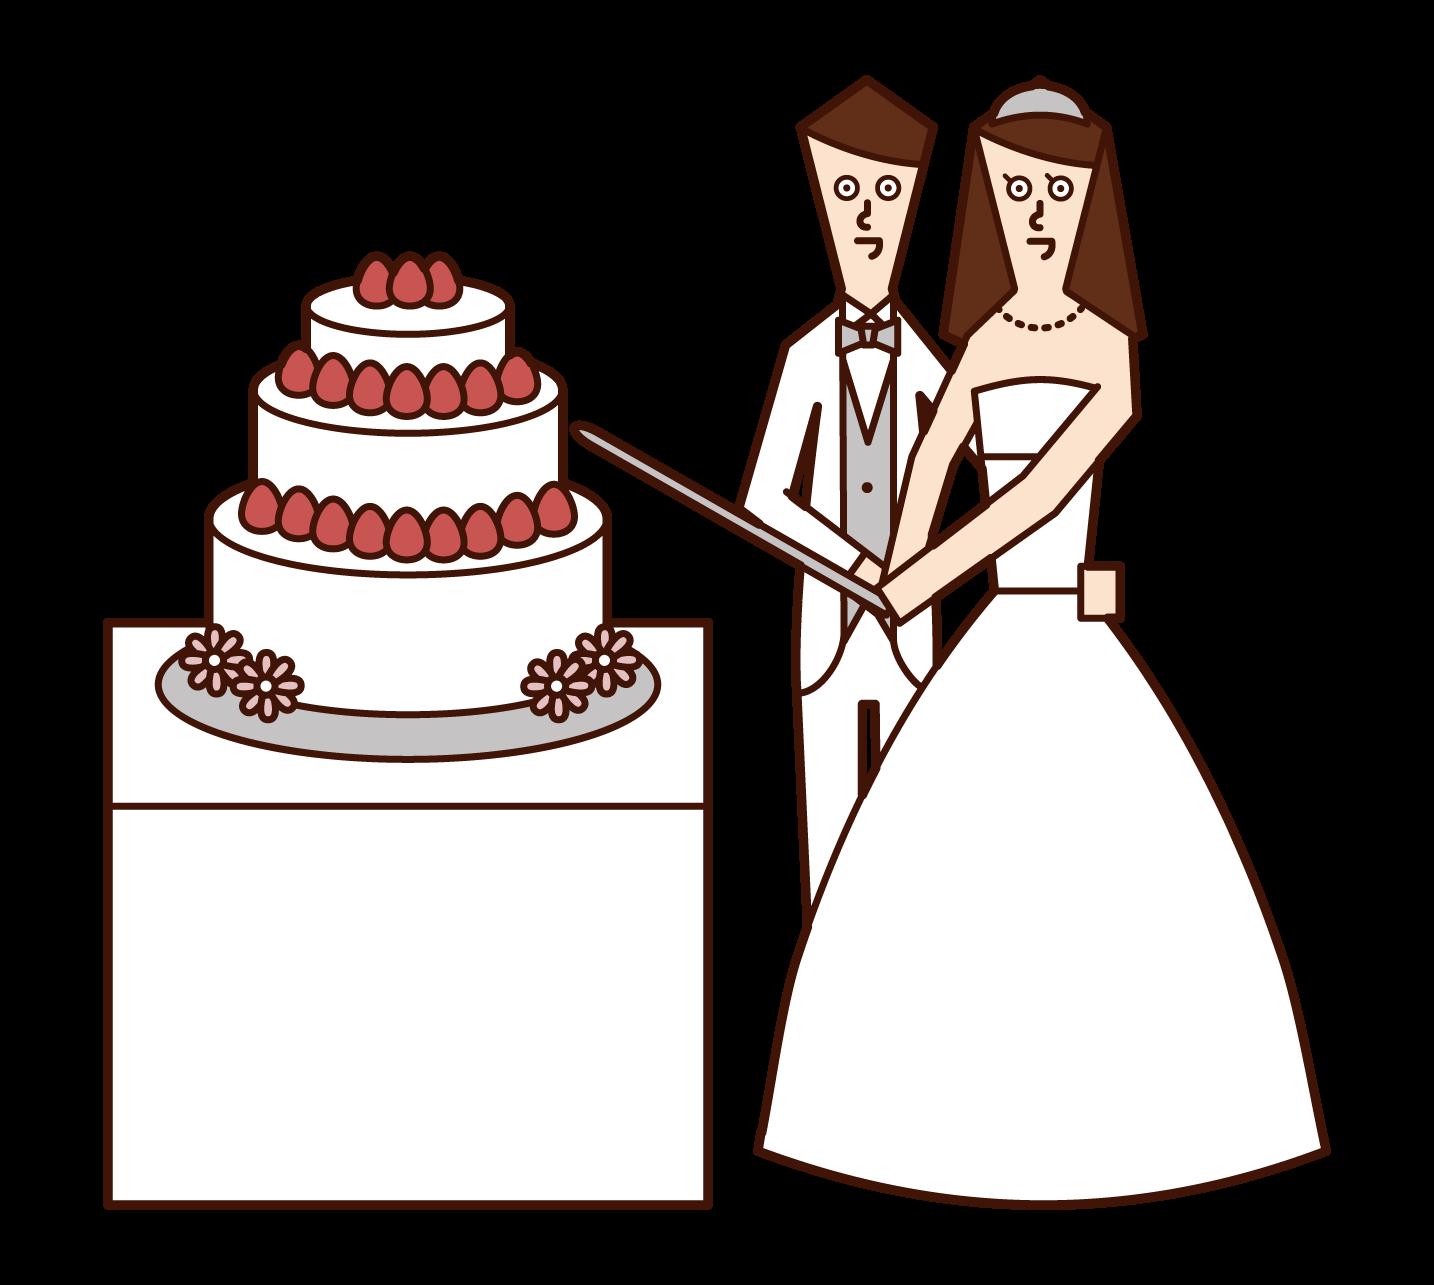 新娘和新郎切蛋糕的插圖